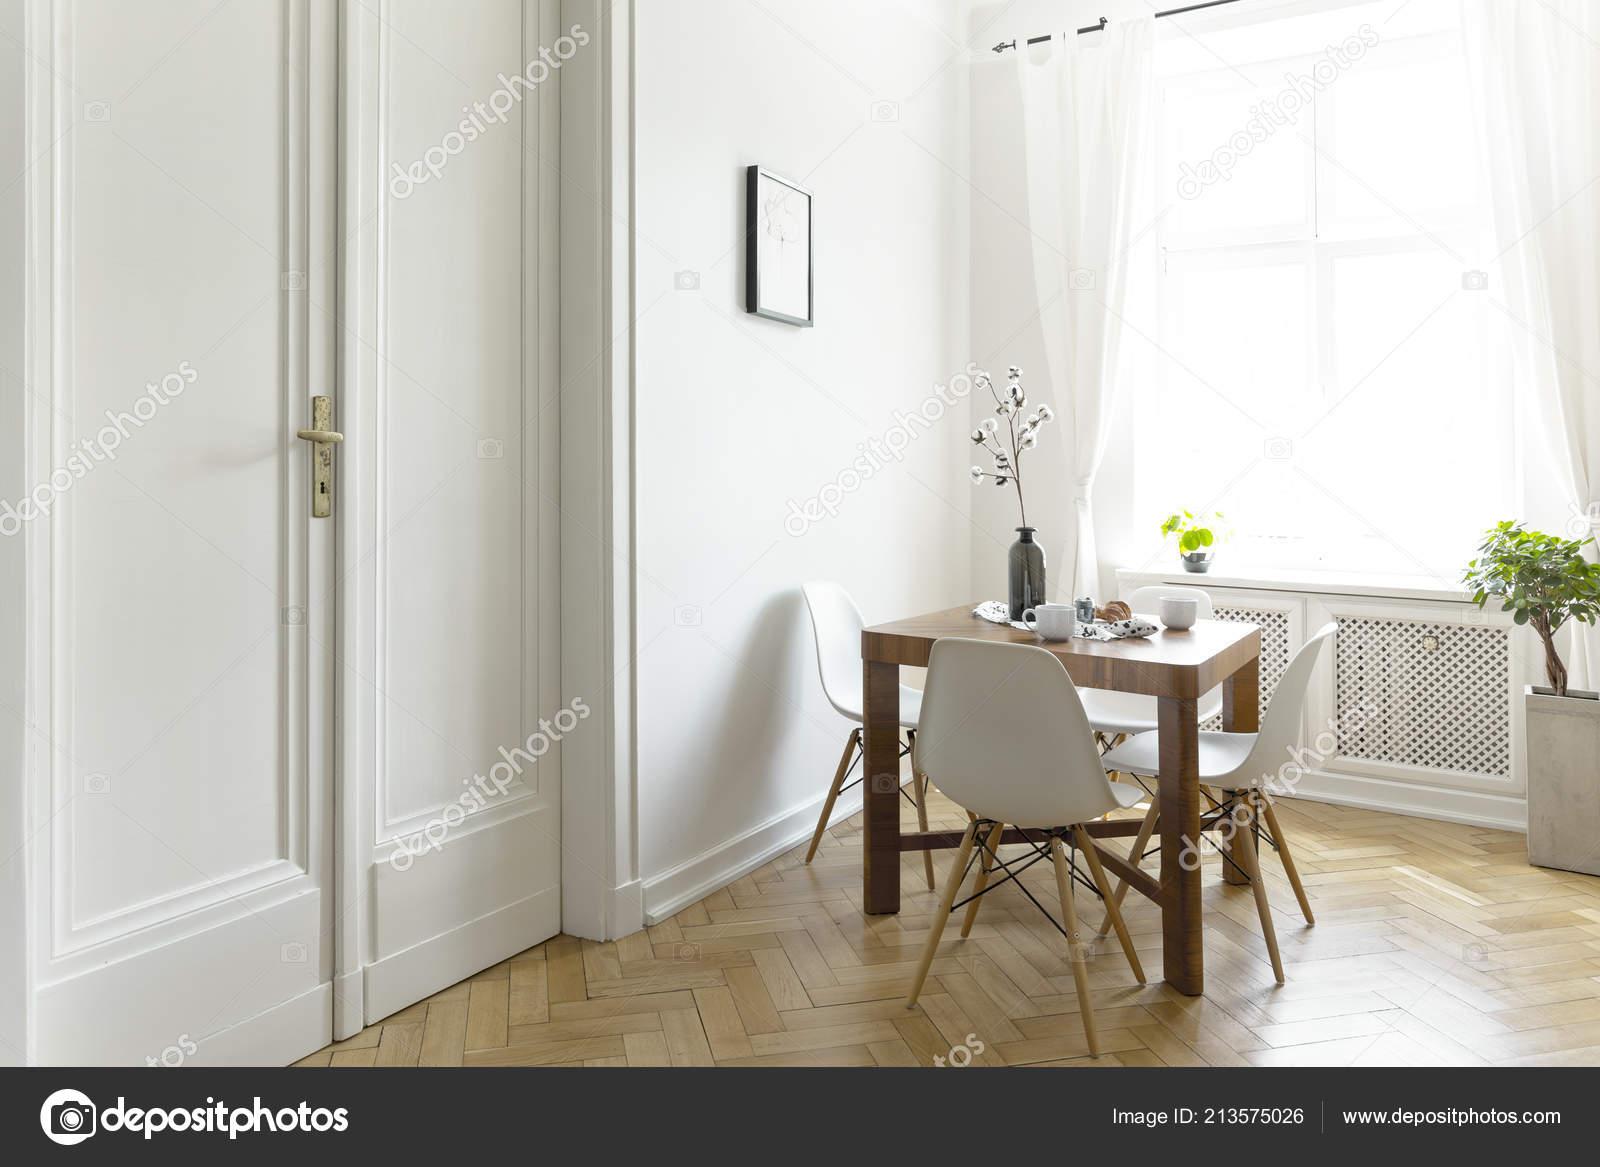 Eettafel Met Kuipstoelen.Een Kleine Houten Eettafel Met Stoelen Een Zonnige Kamer Interieur